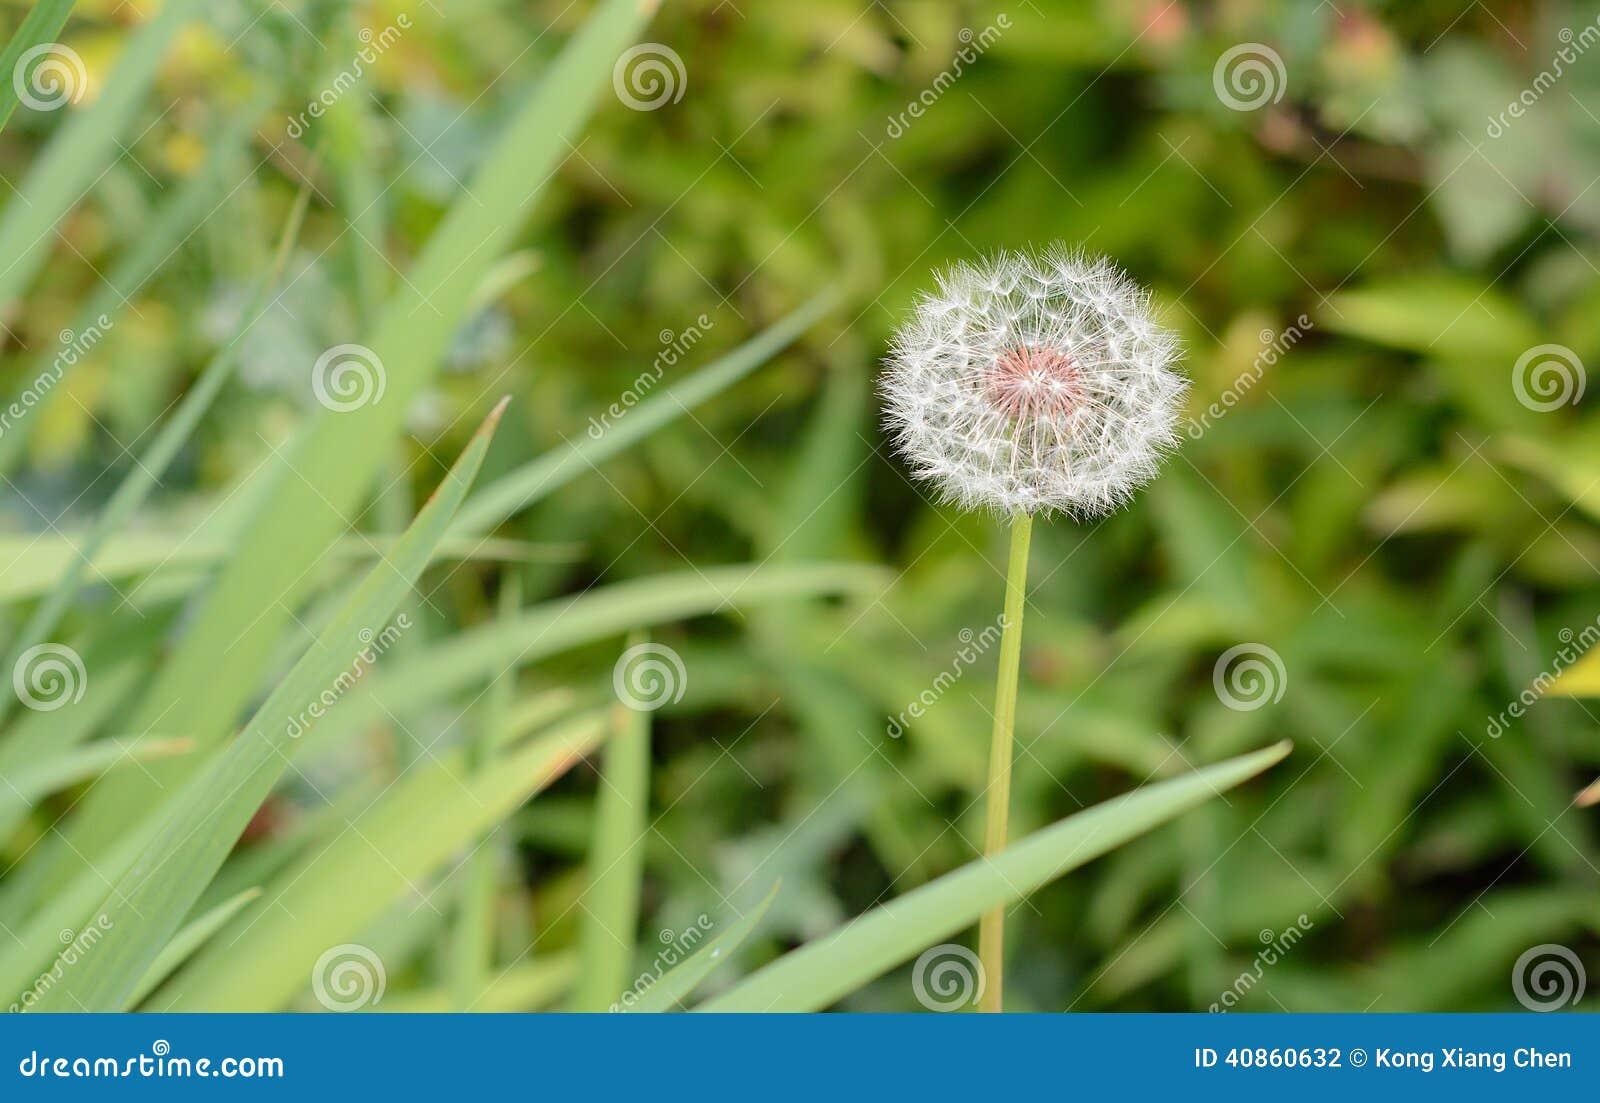 Fleur Blanche De Boule Photo Stock Image Du Bille Couches 40860632